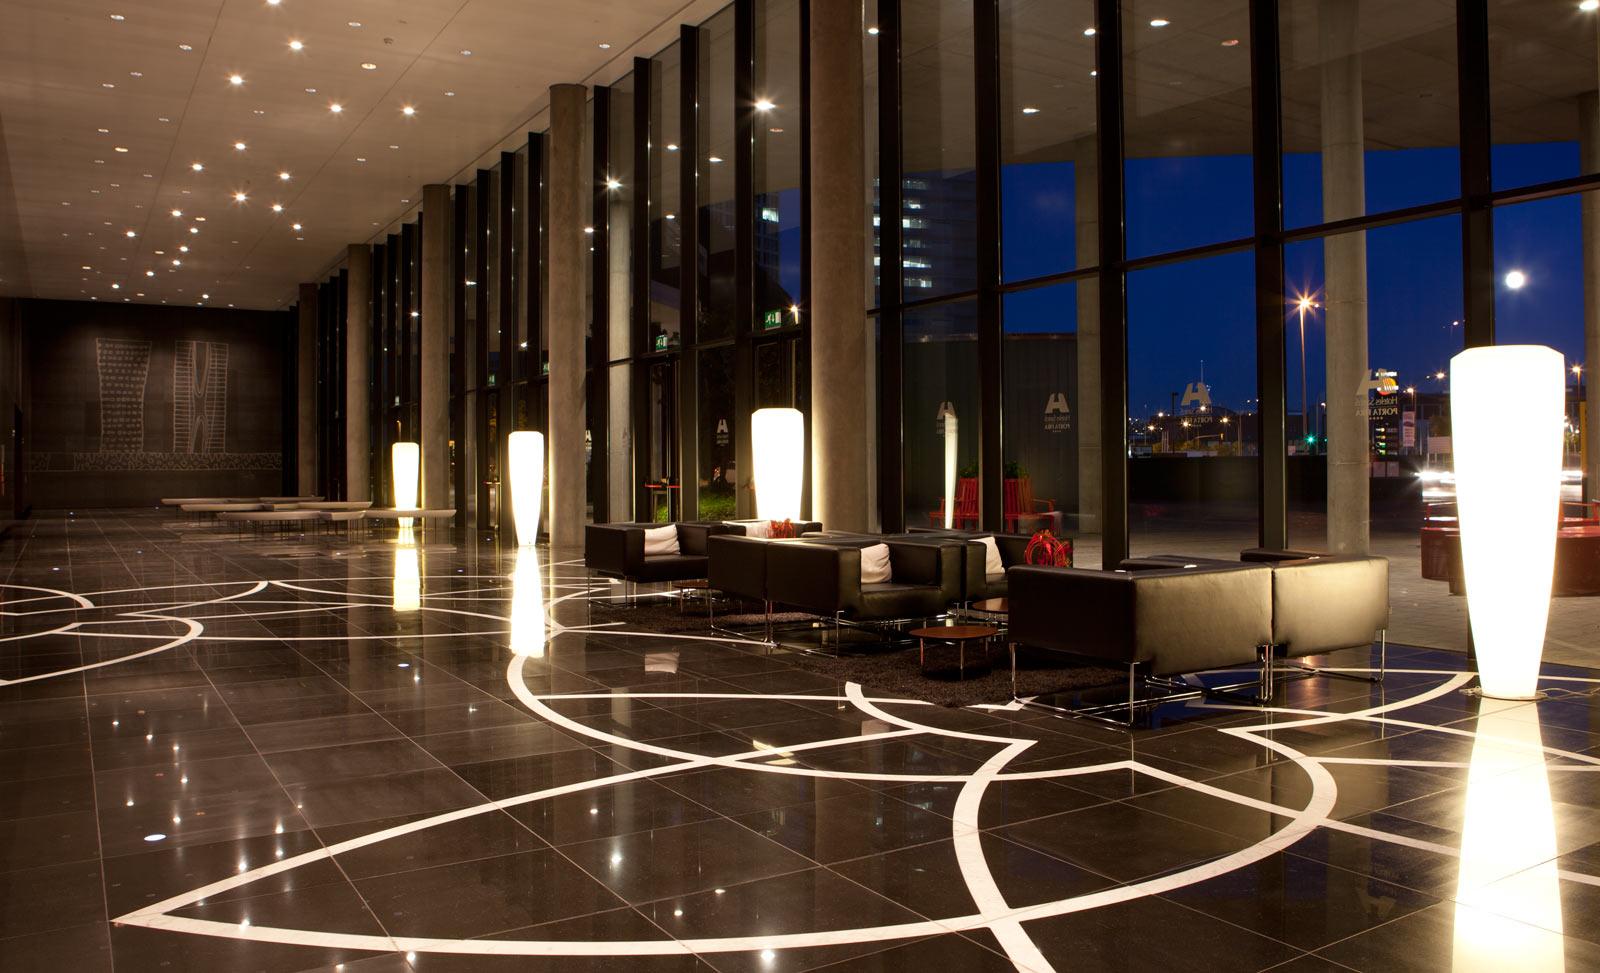 Fotos del hotel - SANTOS PORTA FIRA